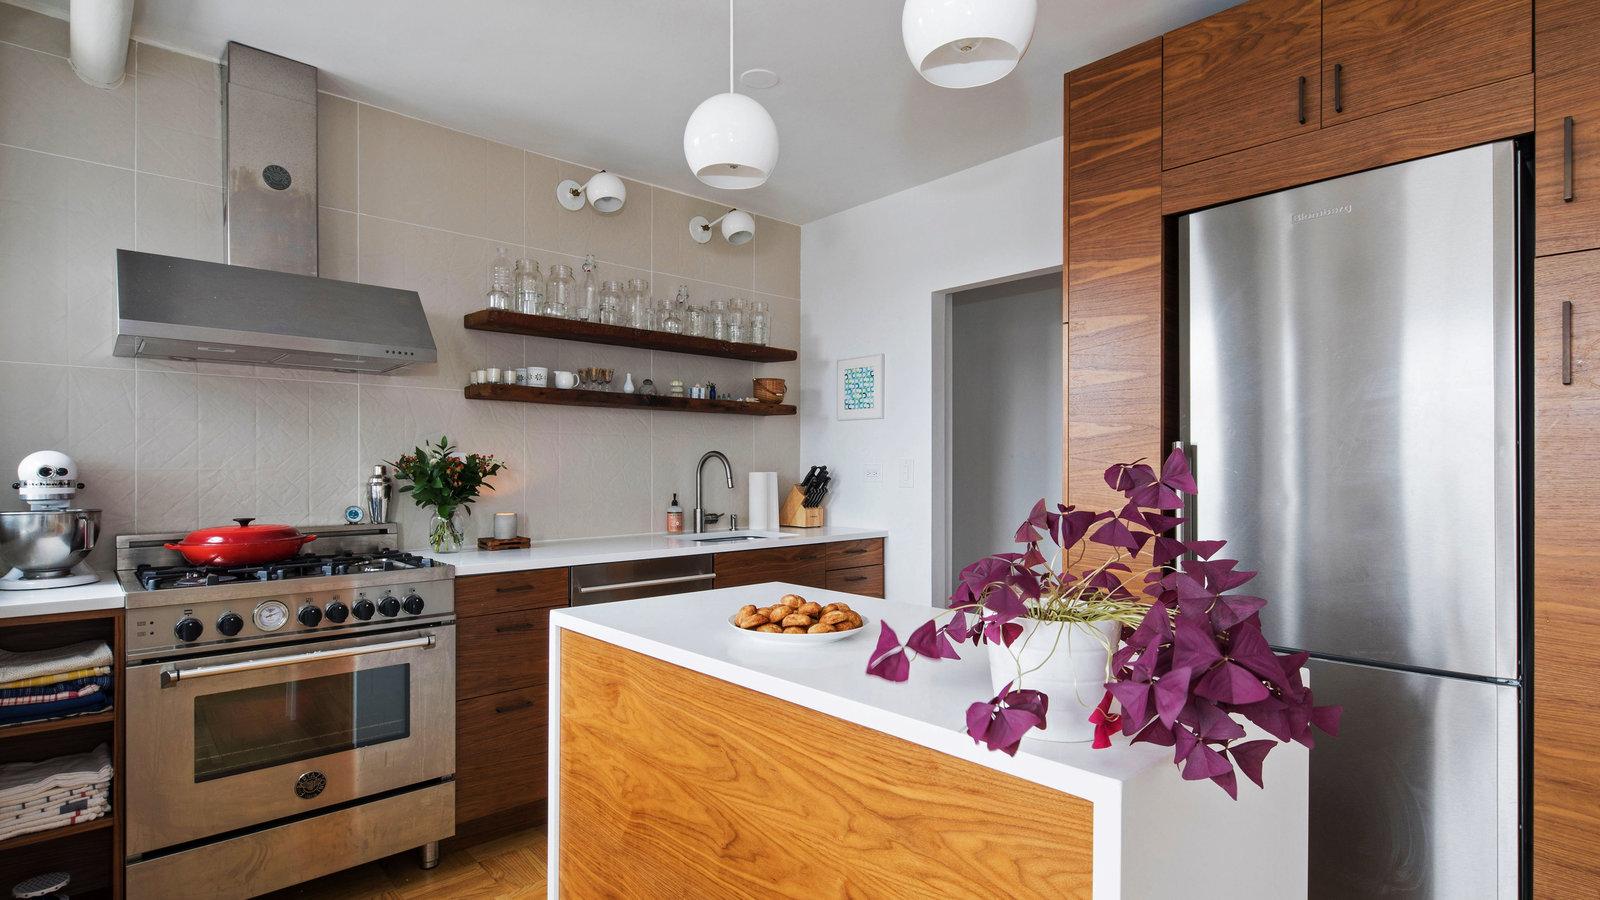 one kitchen done three ways kitchen & bath remodeling Slide Show 10 Photos